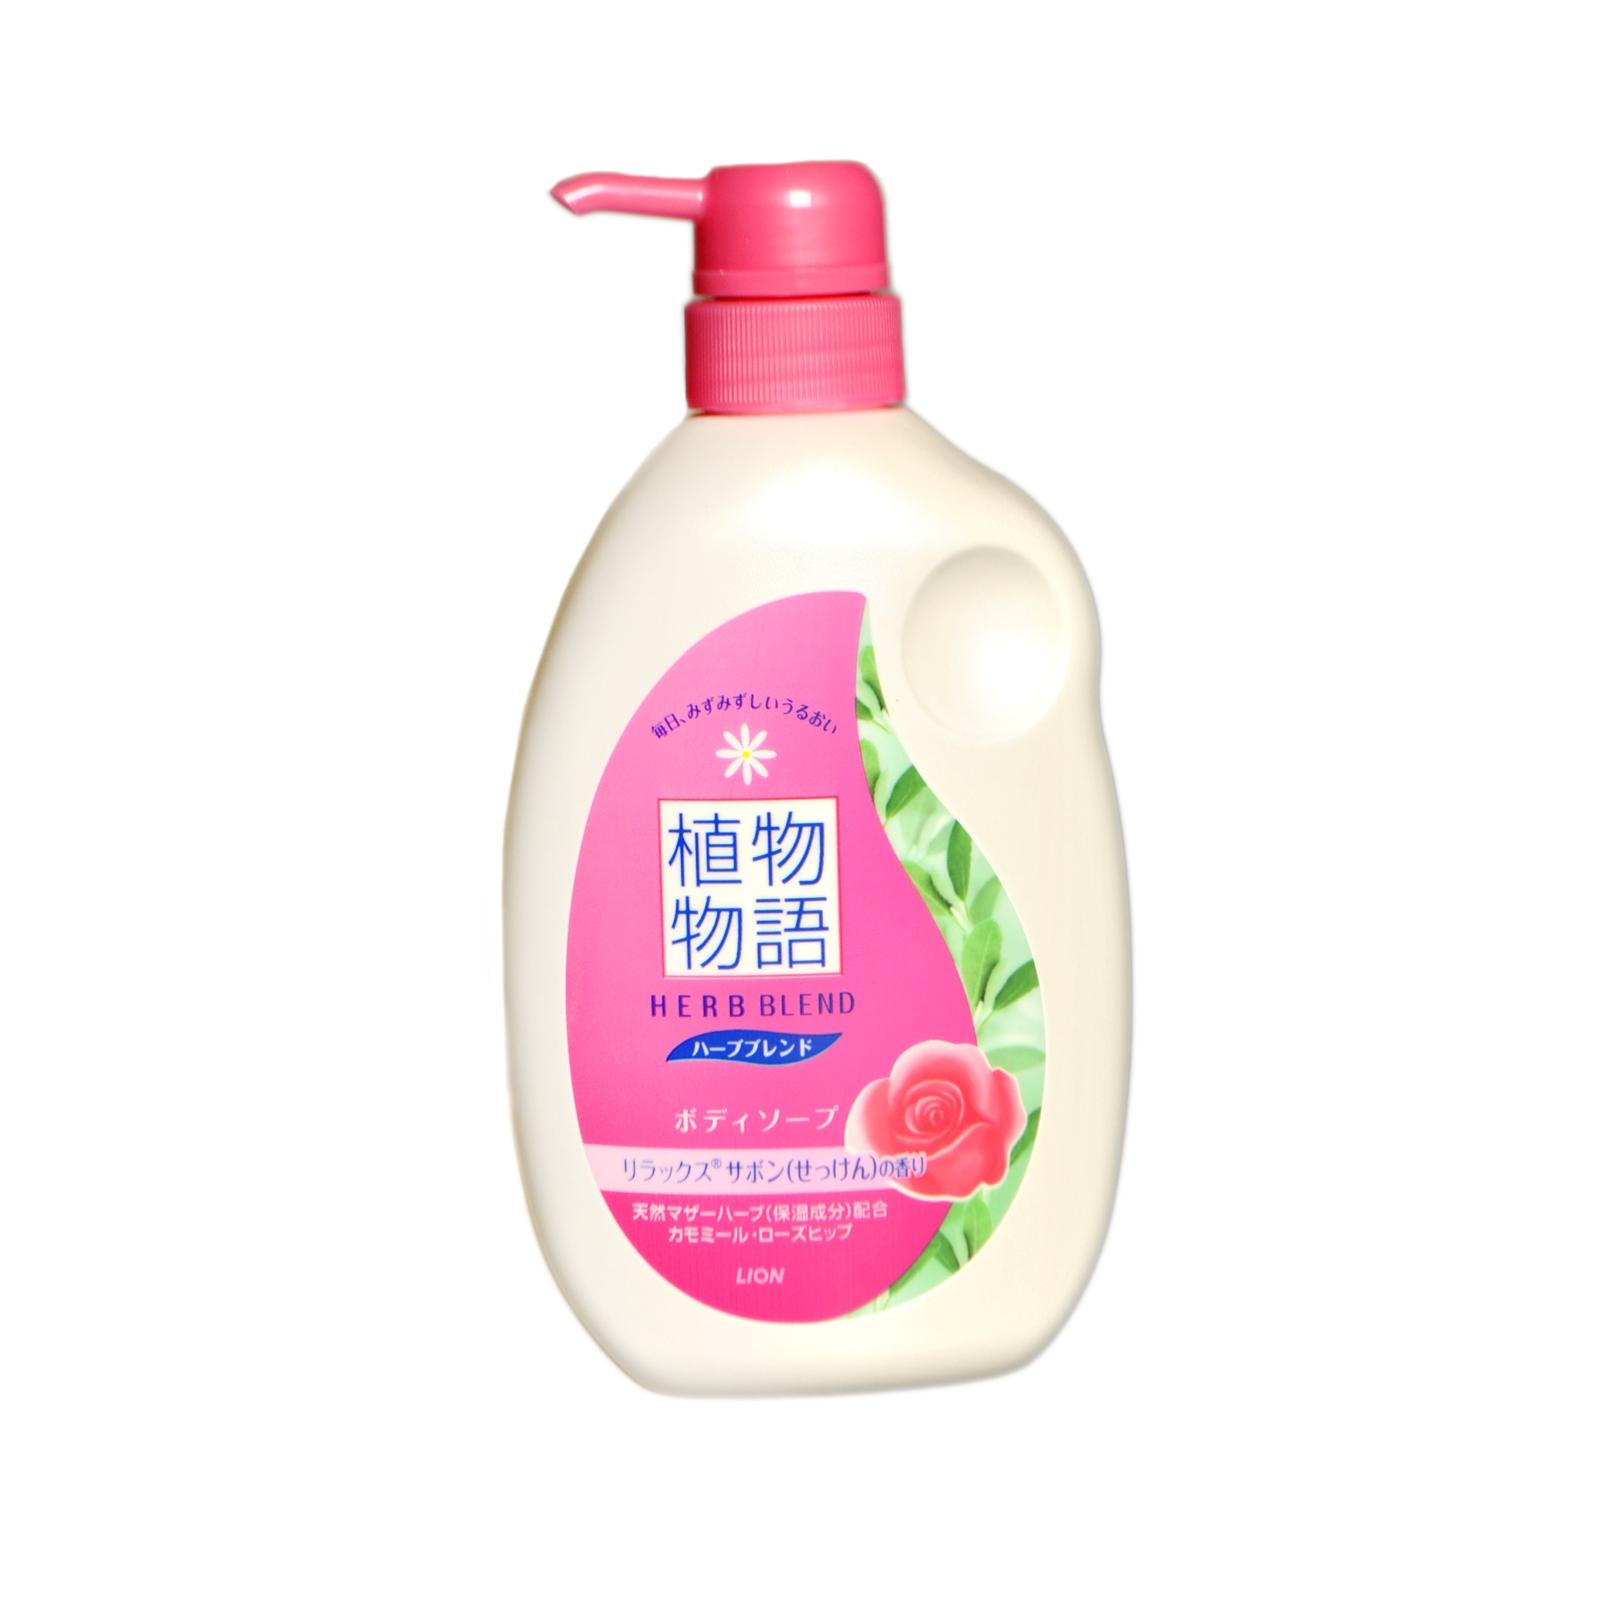 Жидкое мыло для тела Lion HERB BLEND увлажняющее С экстрактами ромашки и шиповника 580 мл.<br>